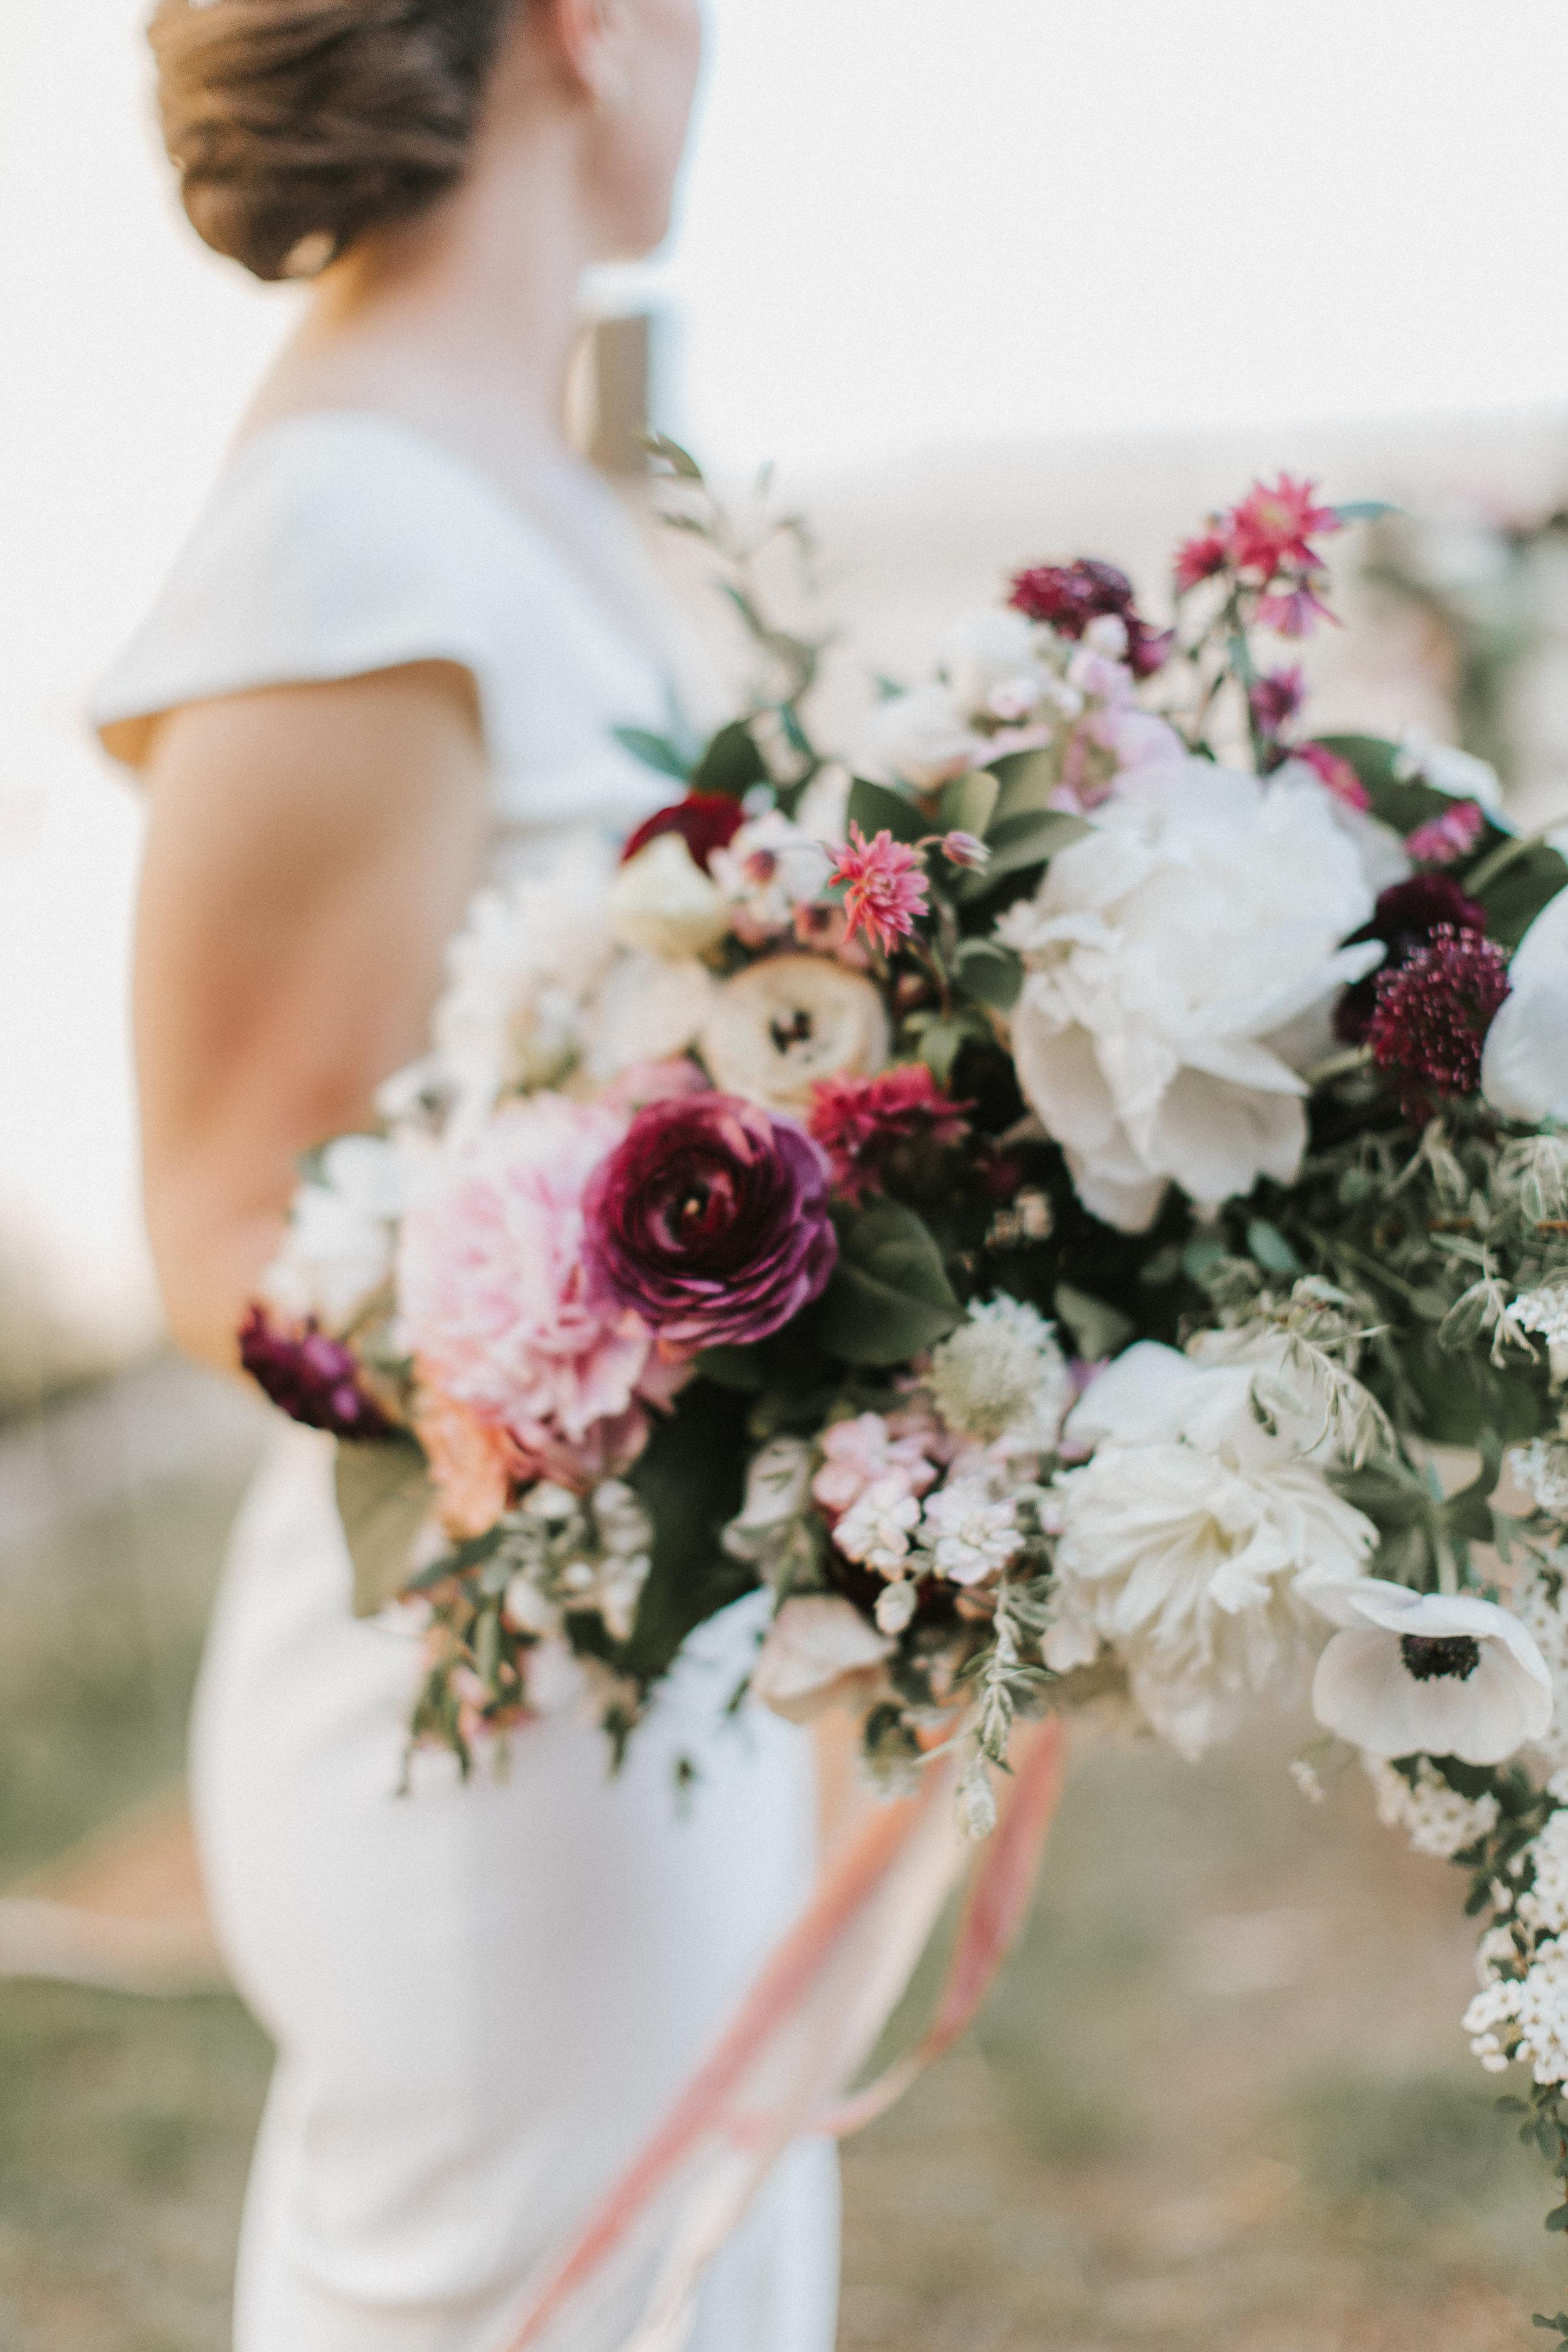 Watershed_Floral_Maine_Wedding_Florist_300.jpg